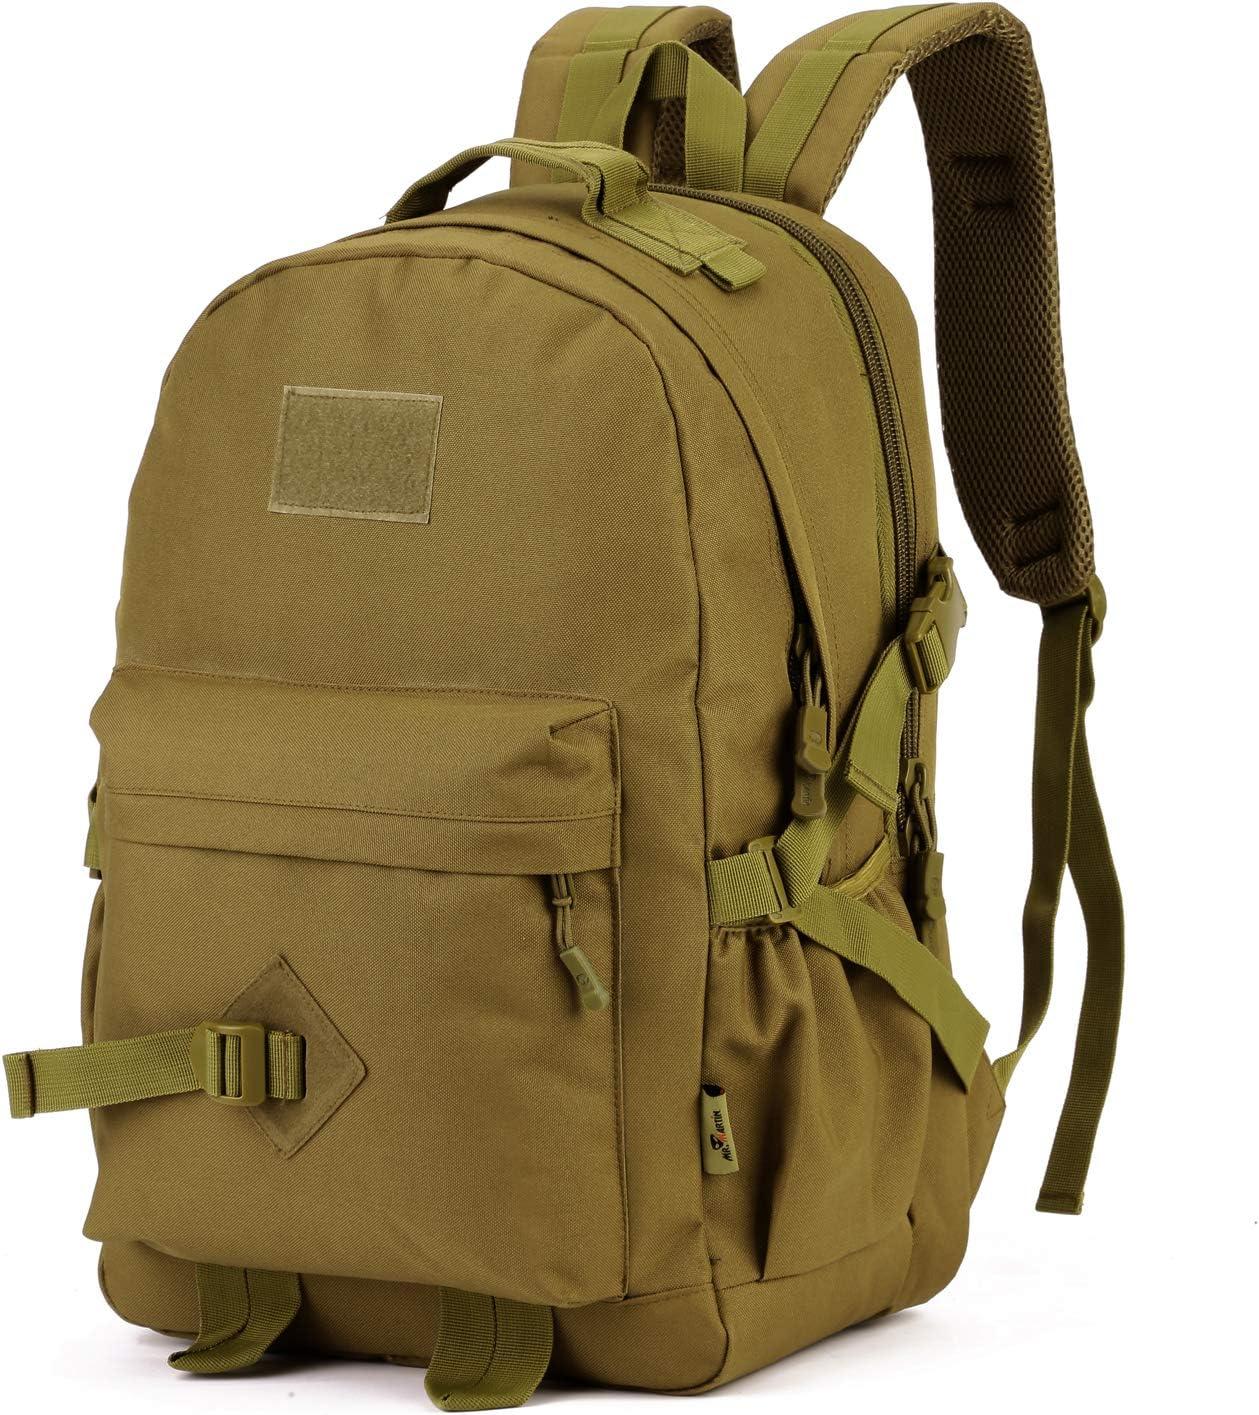 Yakmoo Sac /à Dos 40L de Multifonction Tactique Militaire Backpack Imperm/éable Molle Syst/ème Rucksack Sac /étudiant en Nylon /à lAir Libre